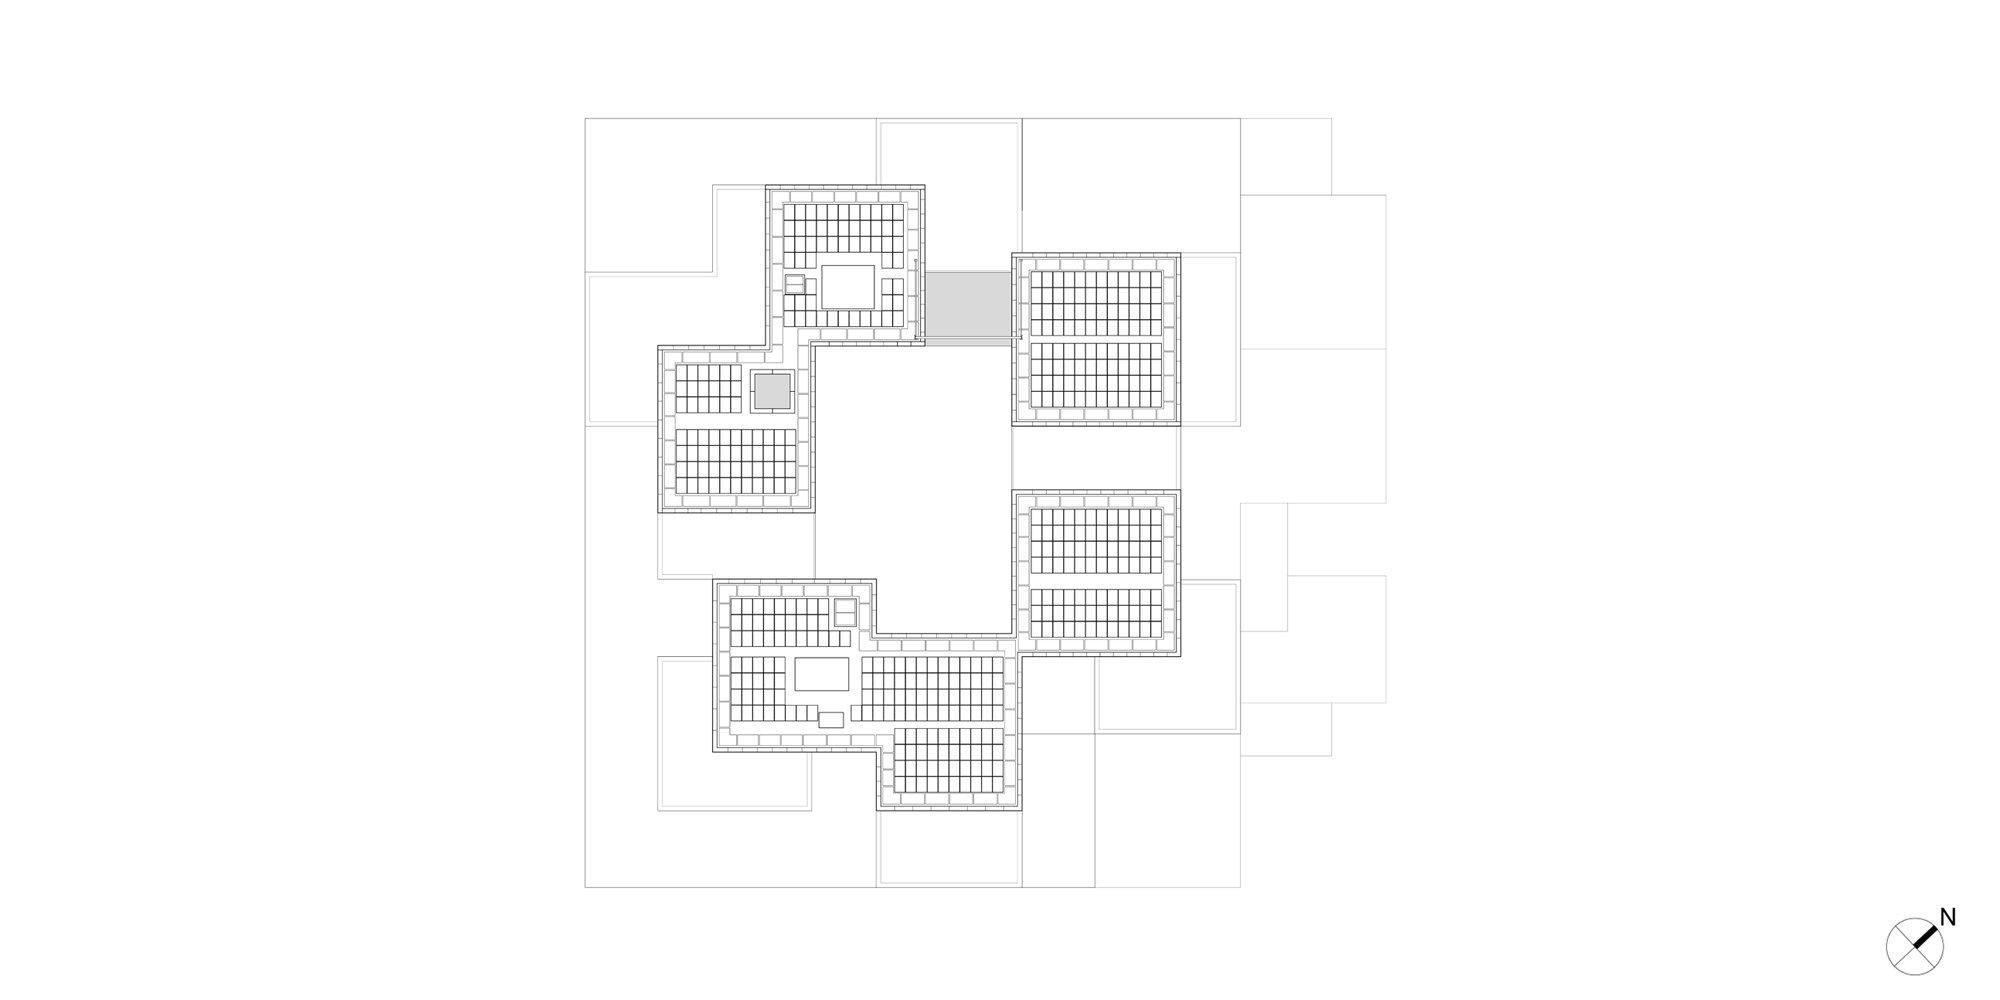 Sixth Floor Plan © OMA